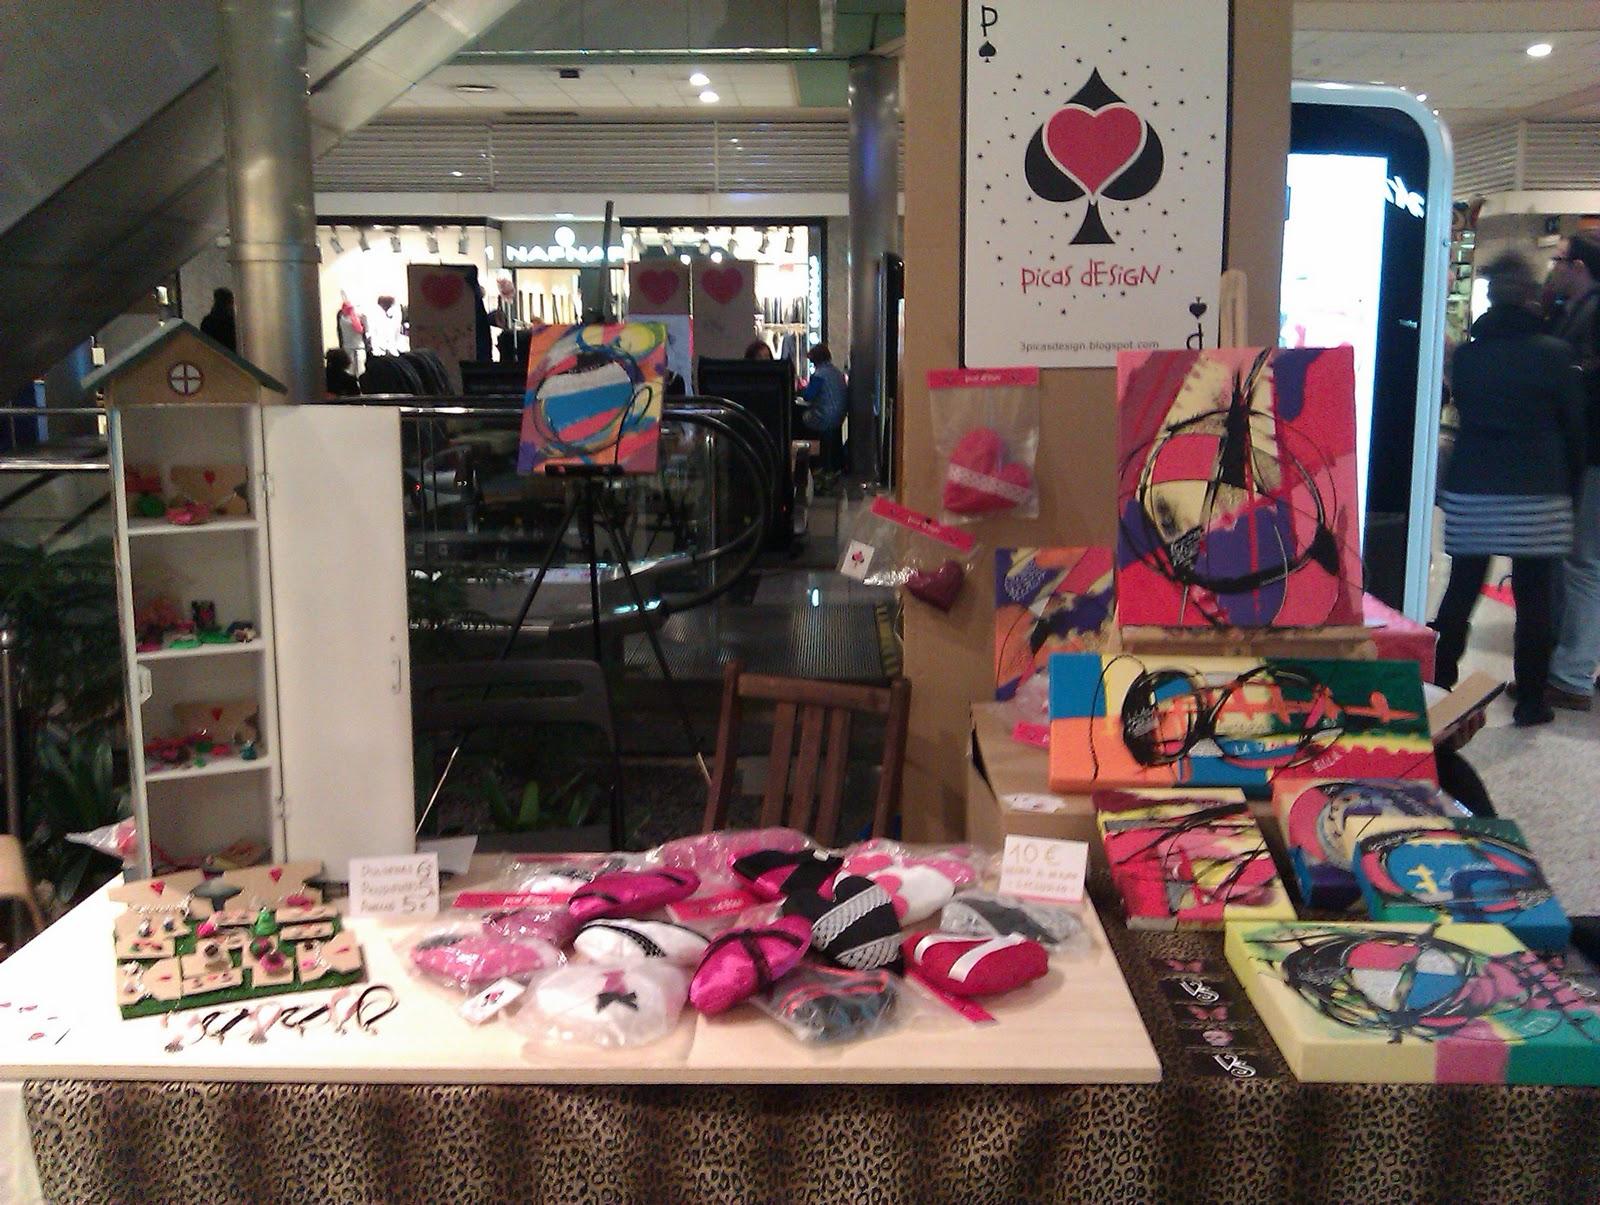 Picas design stand febrero 2011 - Centro comercial moda shoping ...